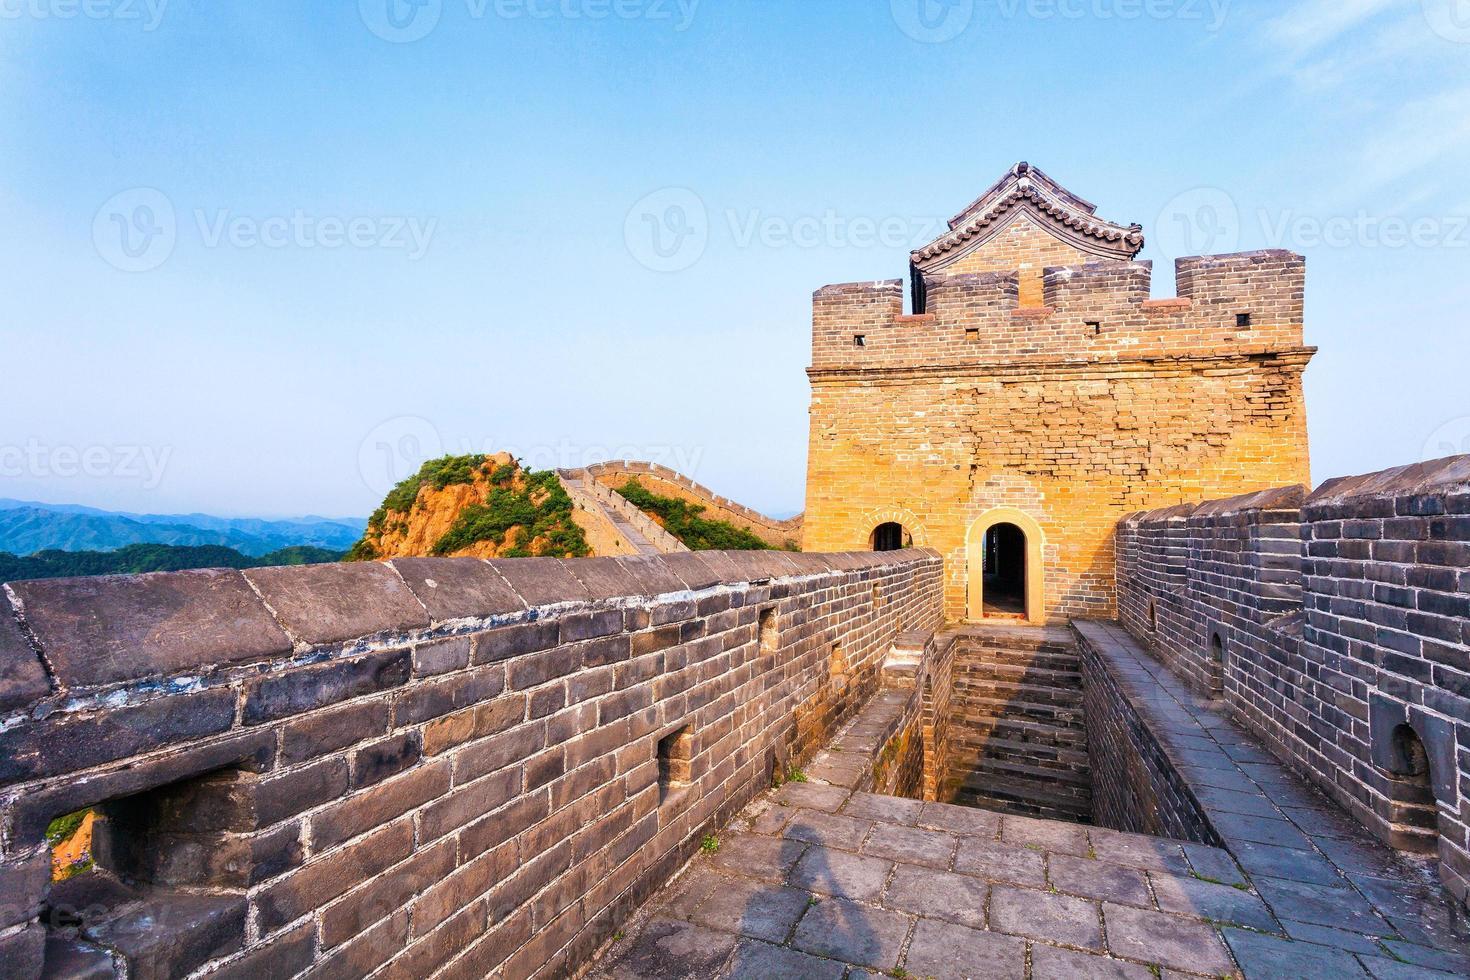 grande muraille l'emblème de la chine et de beijing photo